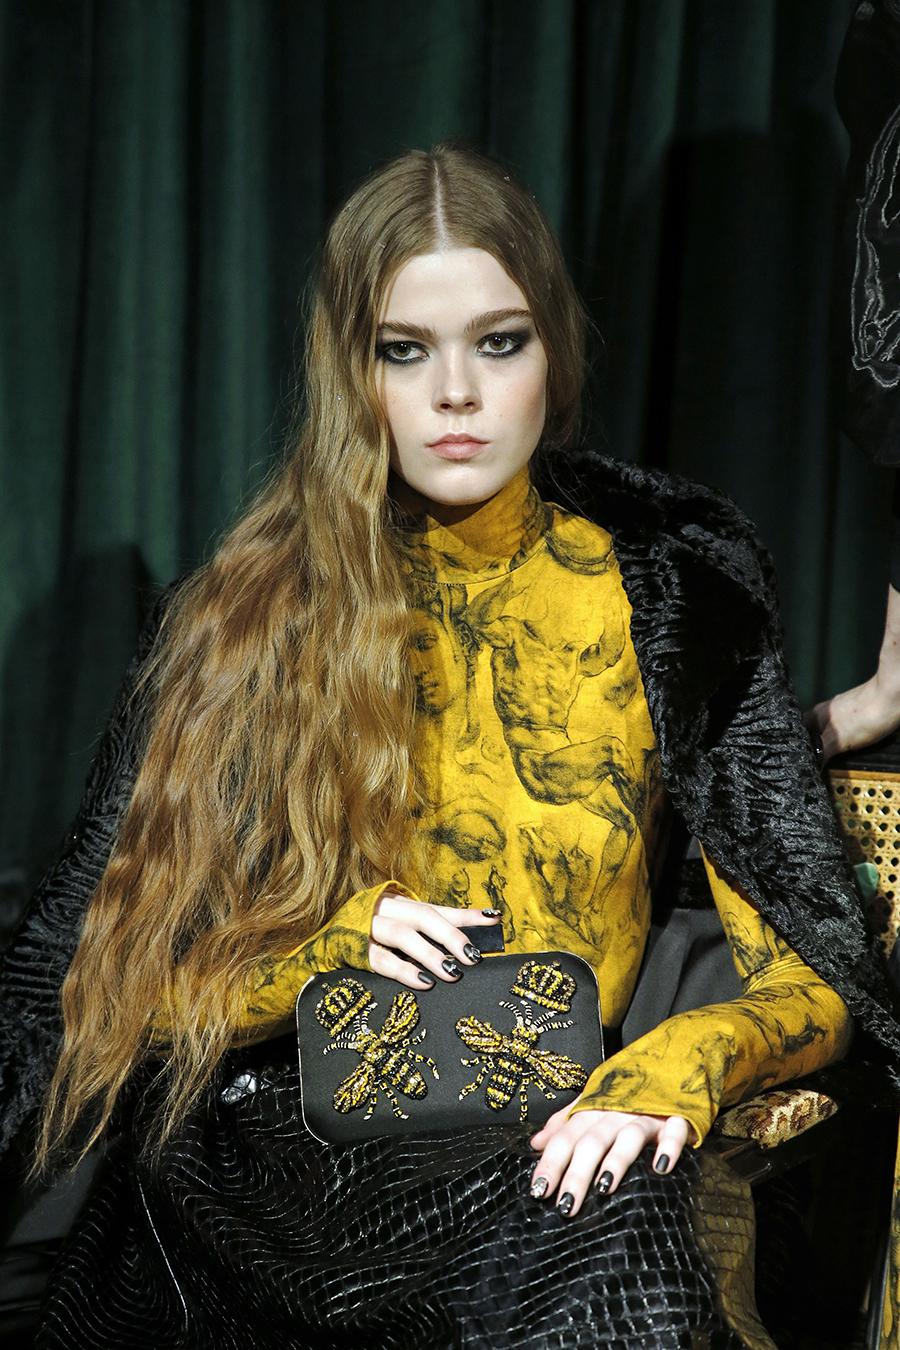 модная сумка минодьер осень зима 2020 2021 черная вышивка золотая прямоугольная